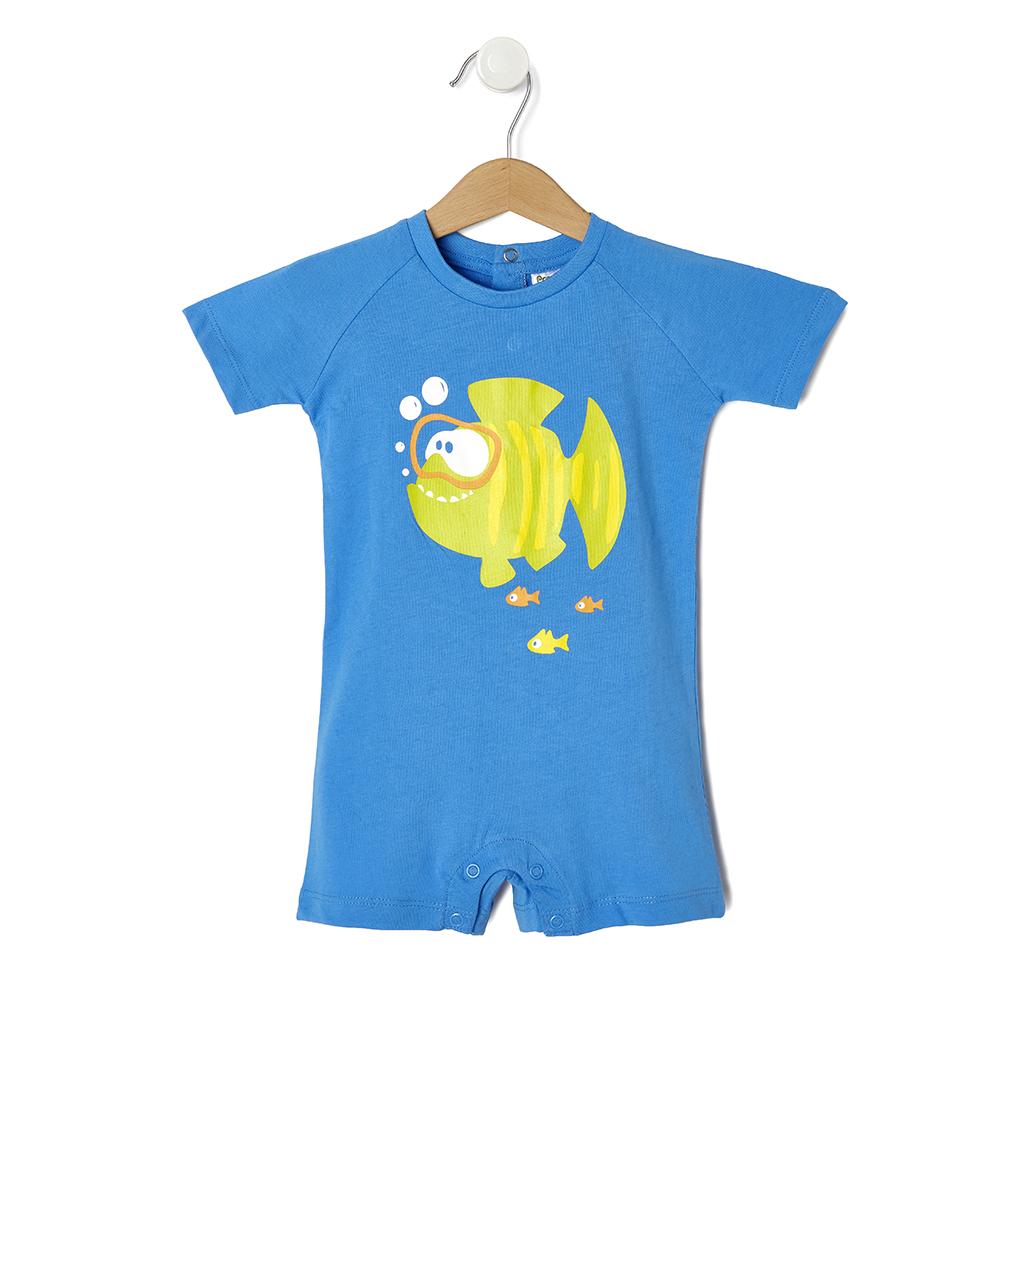 Πιτζάμα Μπλε με Ψάρι για Αγόρι